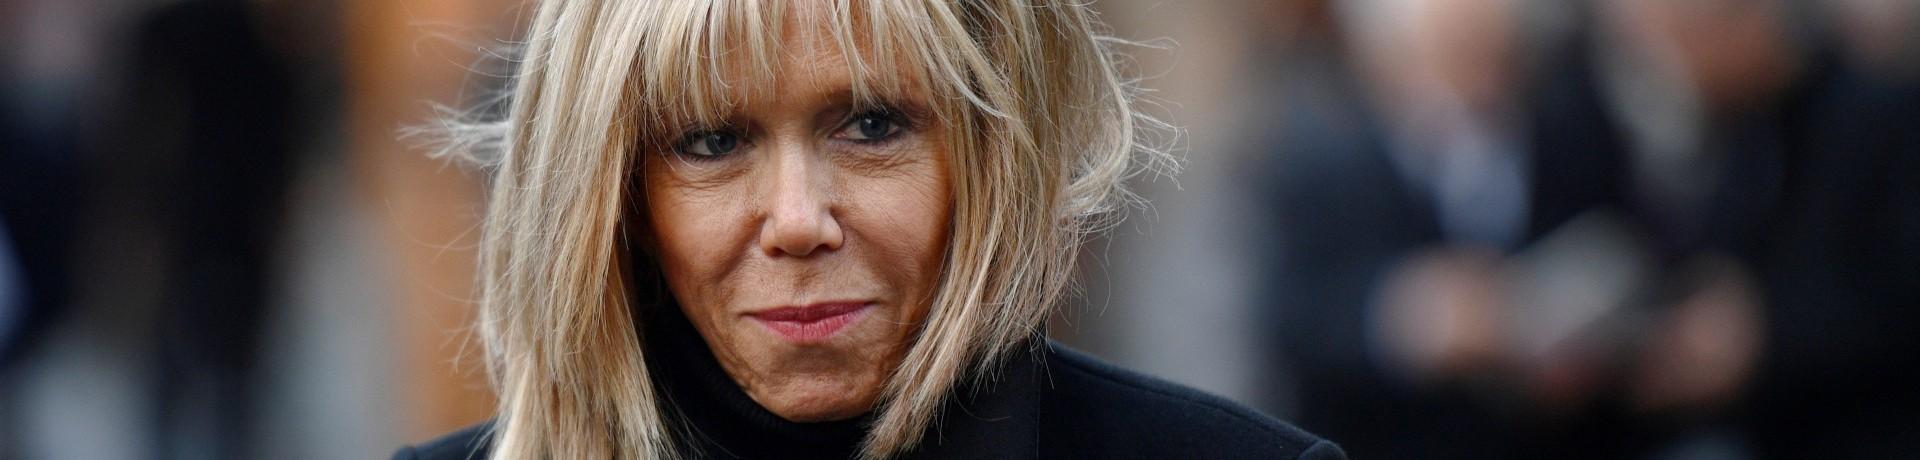 Paris, le 10 novembre 2016. Brigitte Macron, l'épouse de l'ex-locataire de Bercy